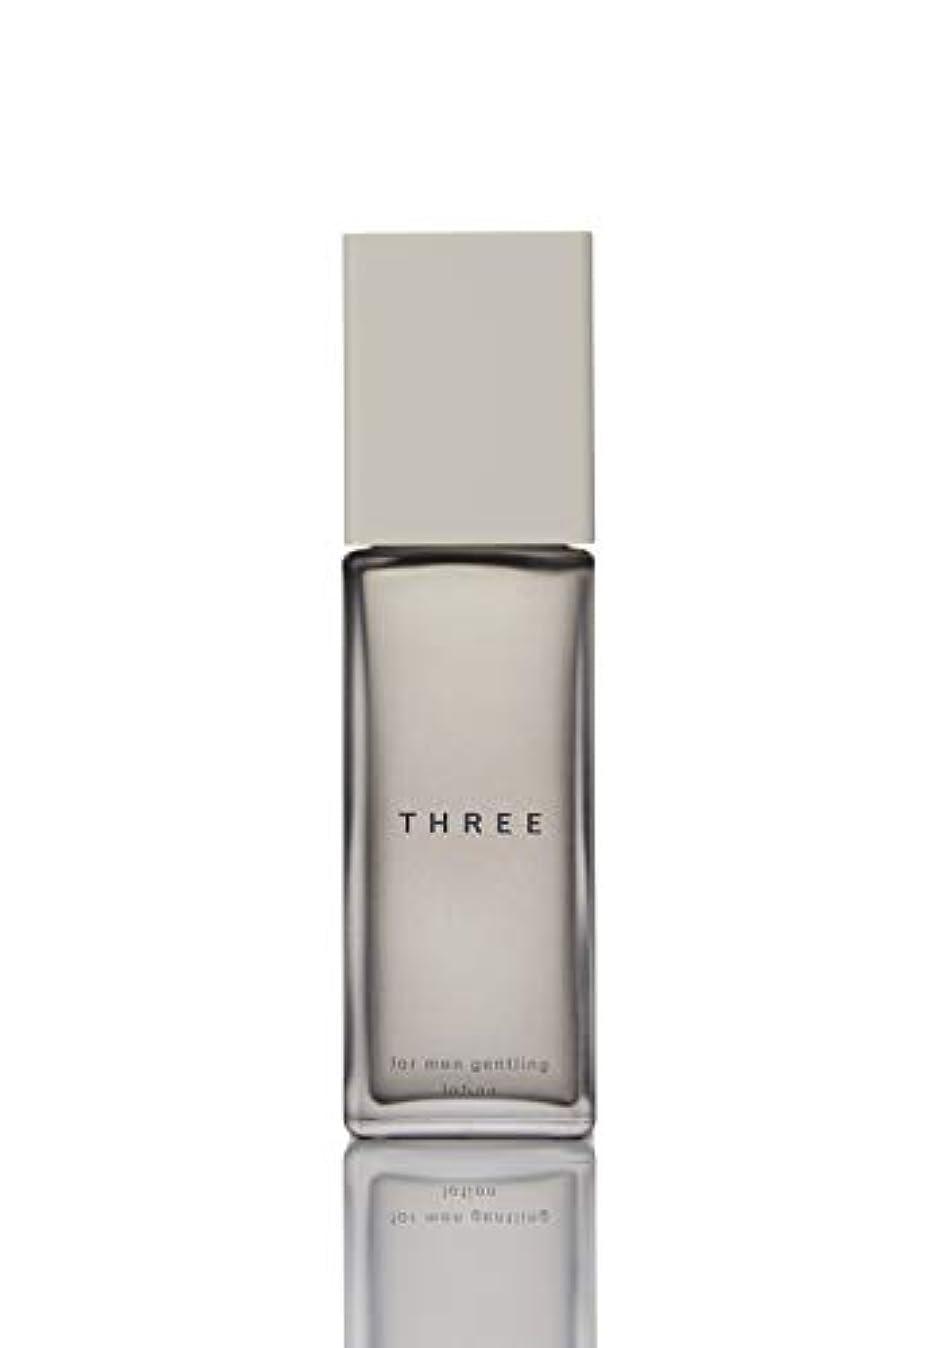 急速な作曲するピットFIVEISM × THREE(ファイブイズム バイ スリー) THREE フォー?メン ジェントリング ローション 100mL 化粧水